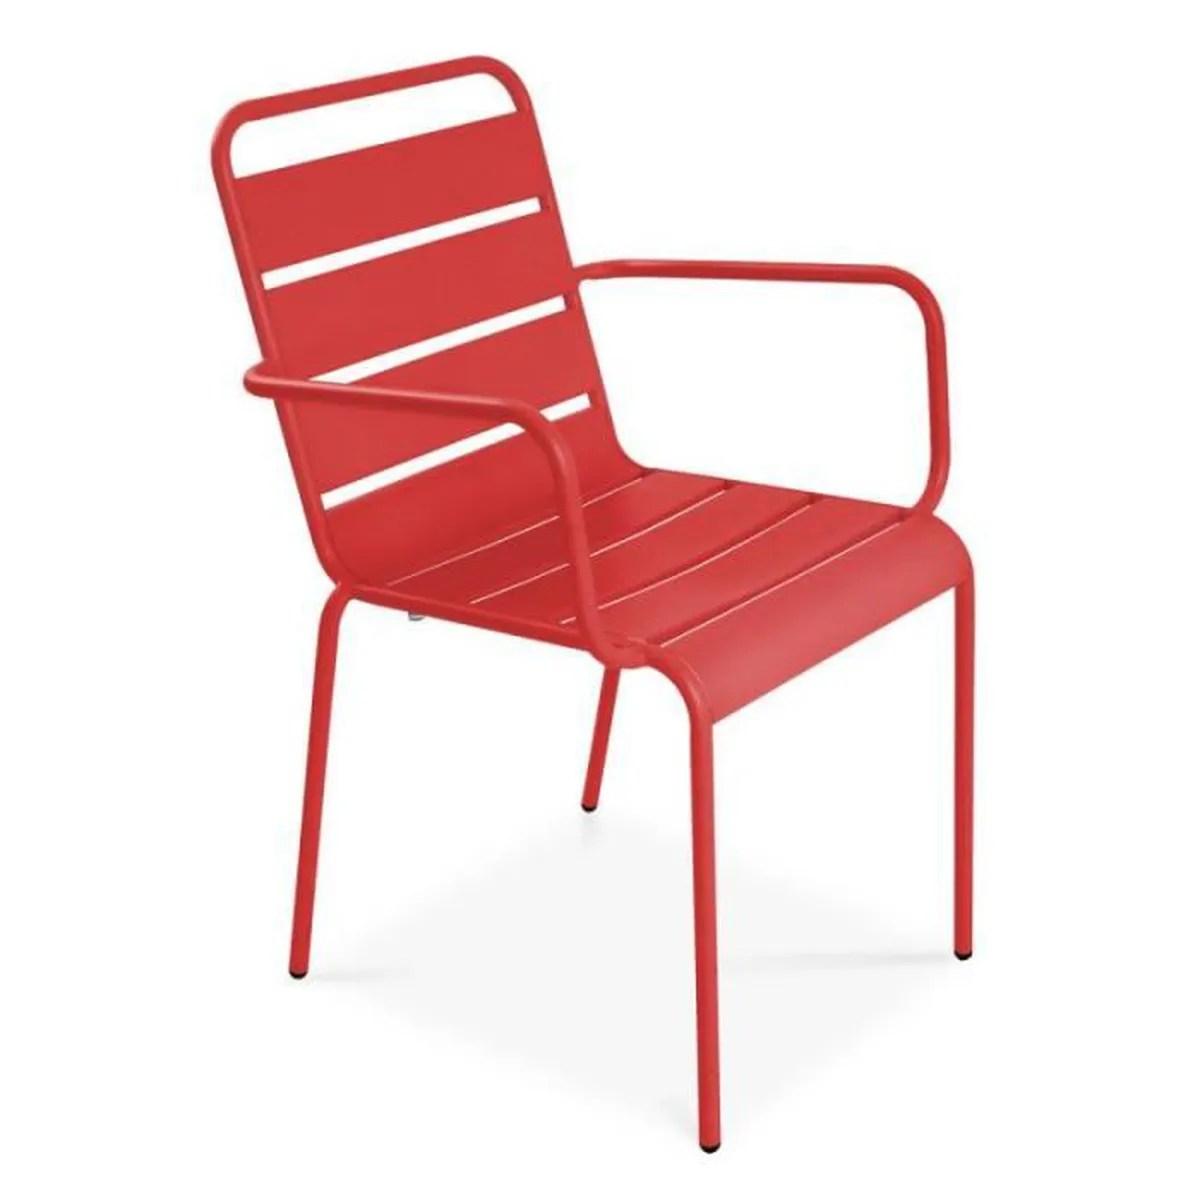 Chaises de jardin design  Achat  Vente Chaises de jardin design pas cher  Les soldes sur